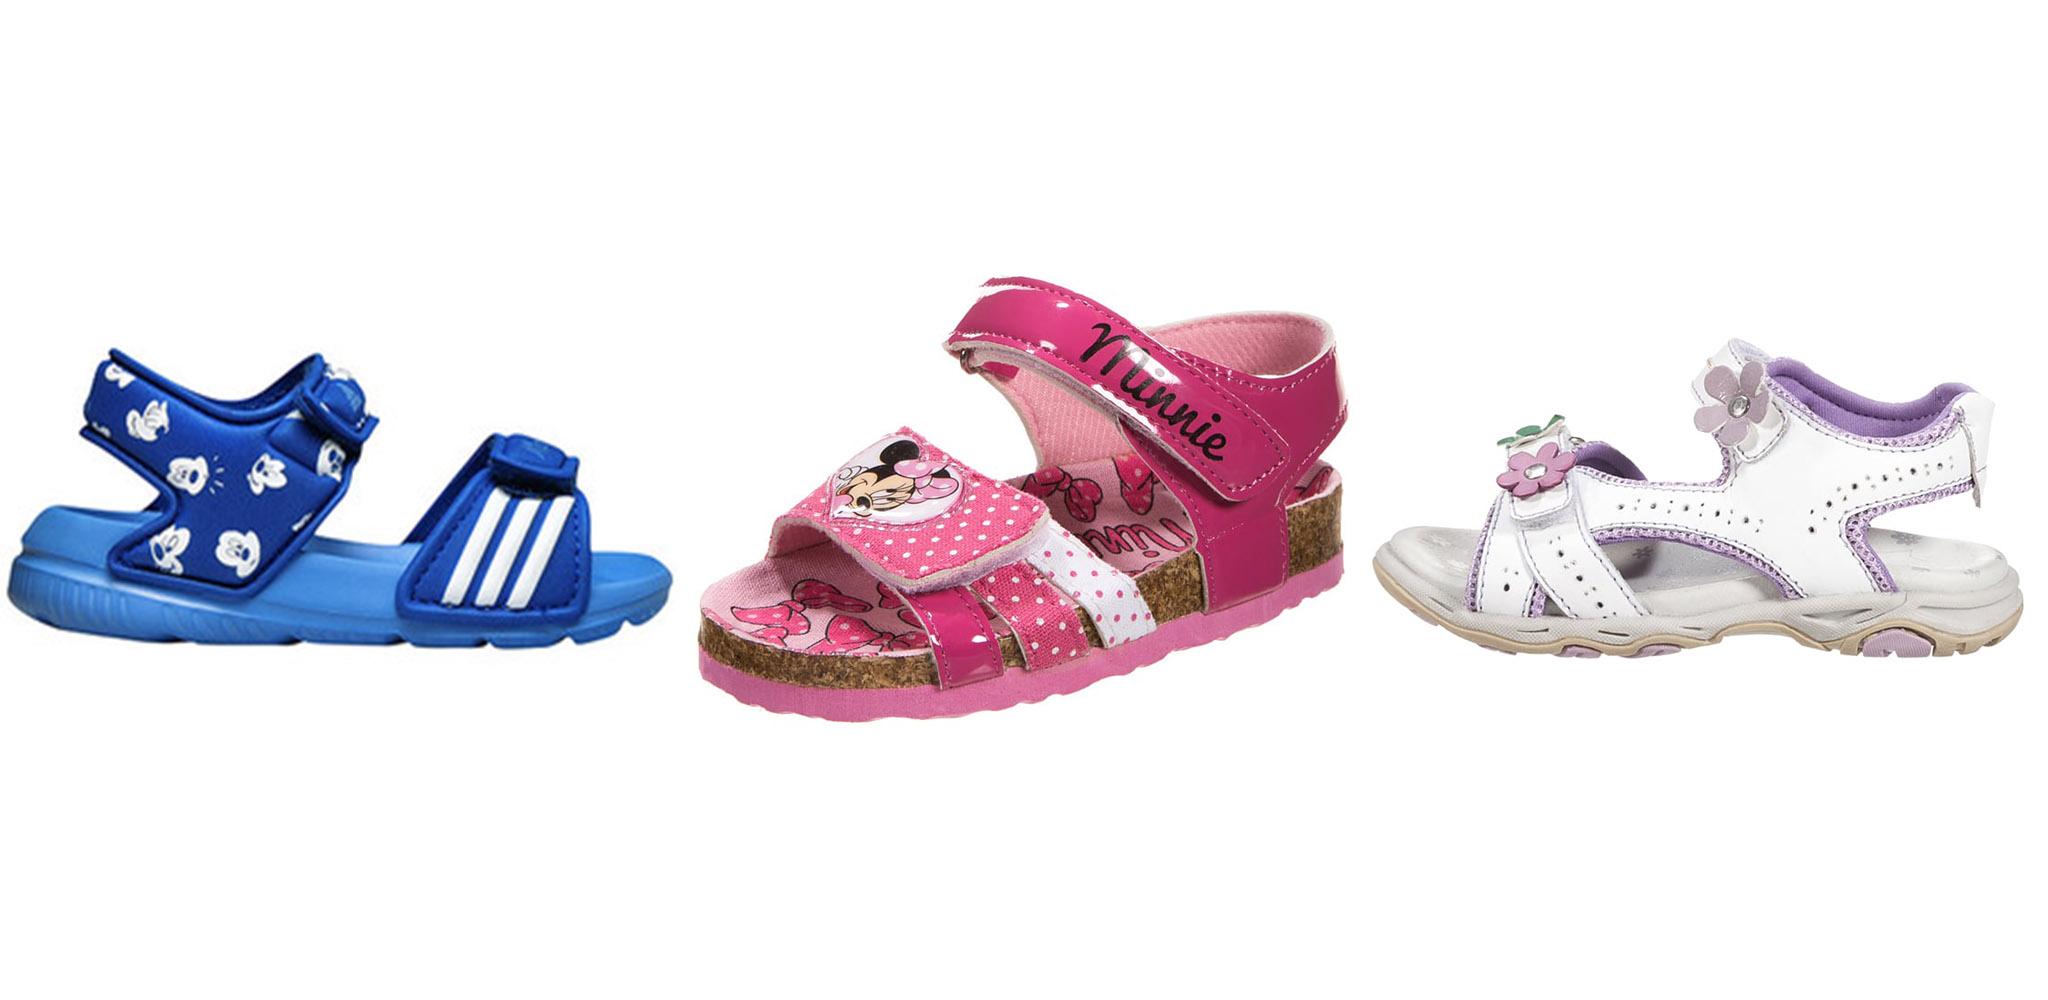 Sandały dla maluchów w okazyjnych cenach